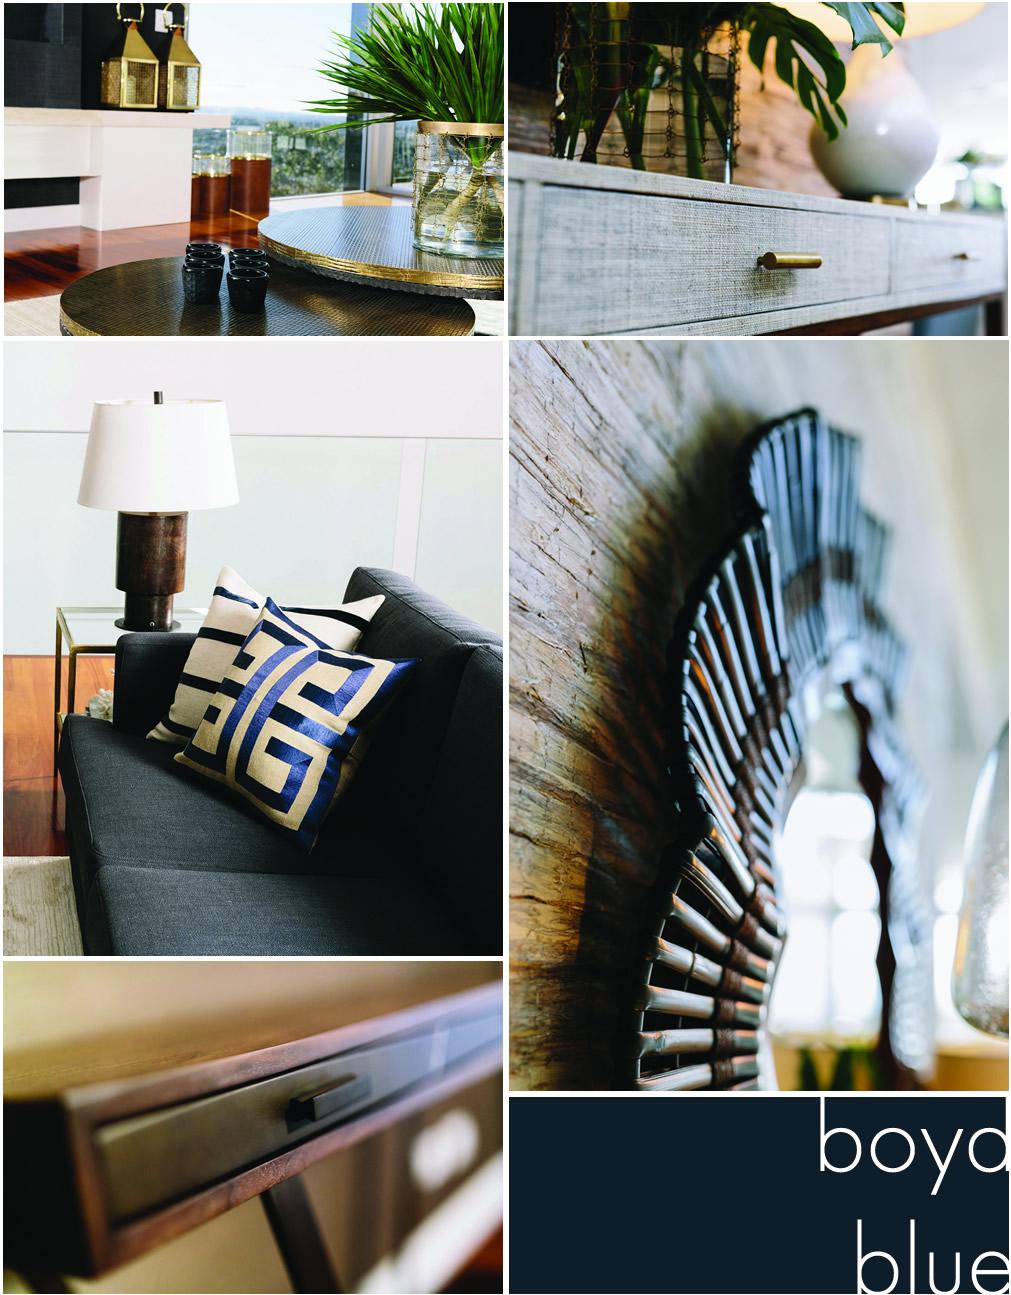 Boyd Blue Work Collage